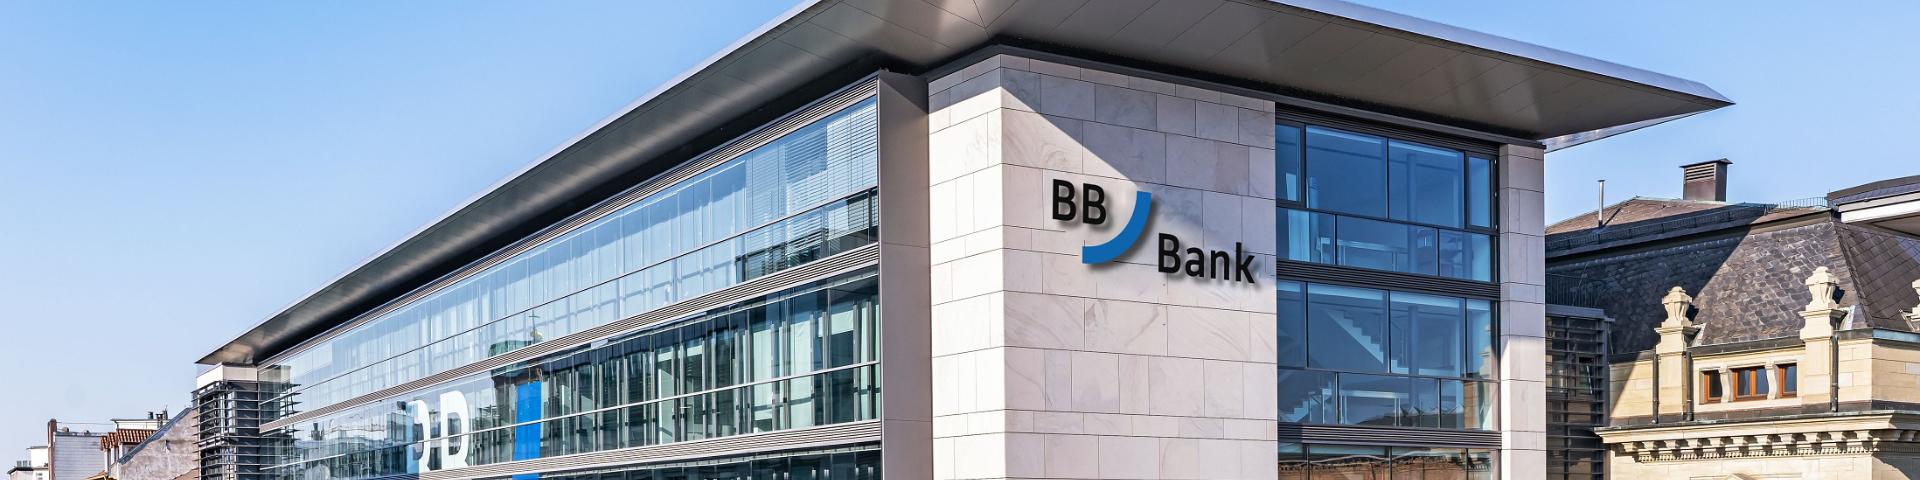 BBBank Hauptzentrale: Das Moderne, mehrstöckige Gebäude mit großer Glasfassade und BBBank Logo repräsentiert die 1922 gegründete genossenschaftliche Bank für Privatkunden.